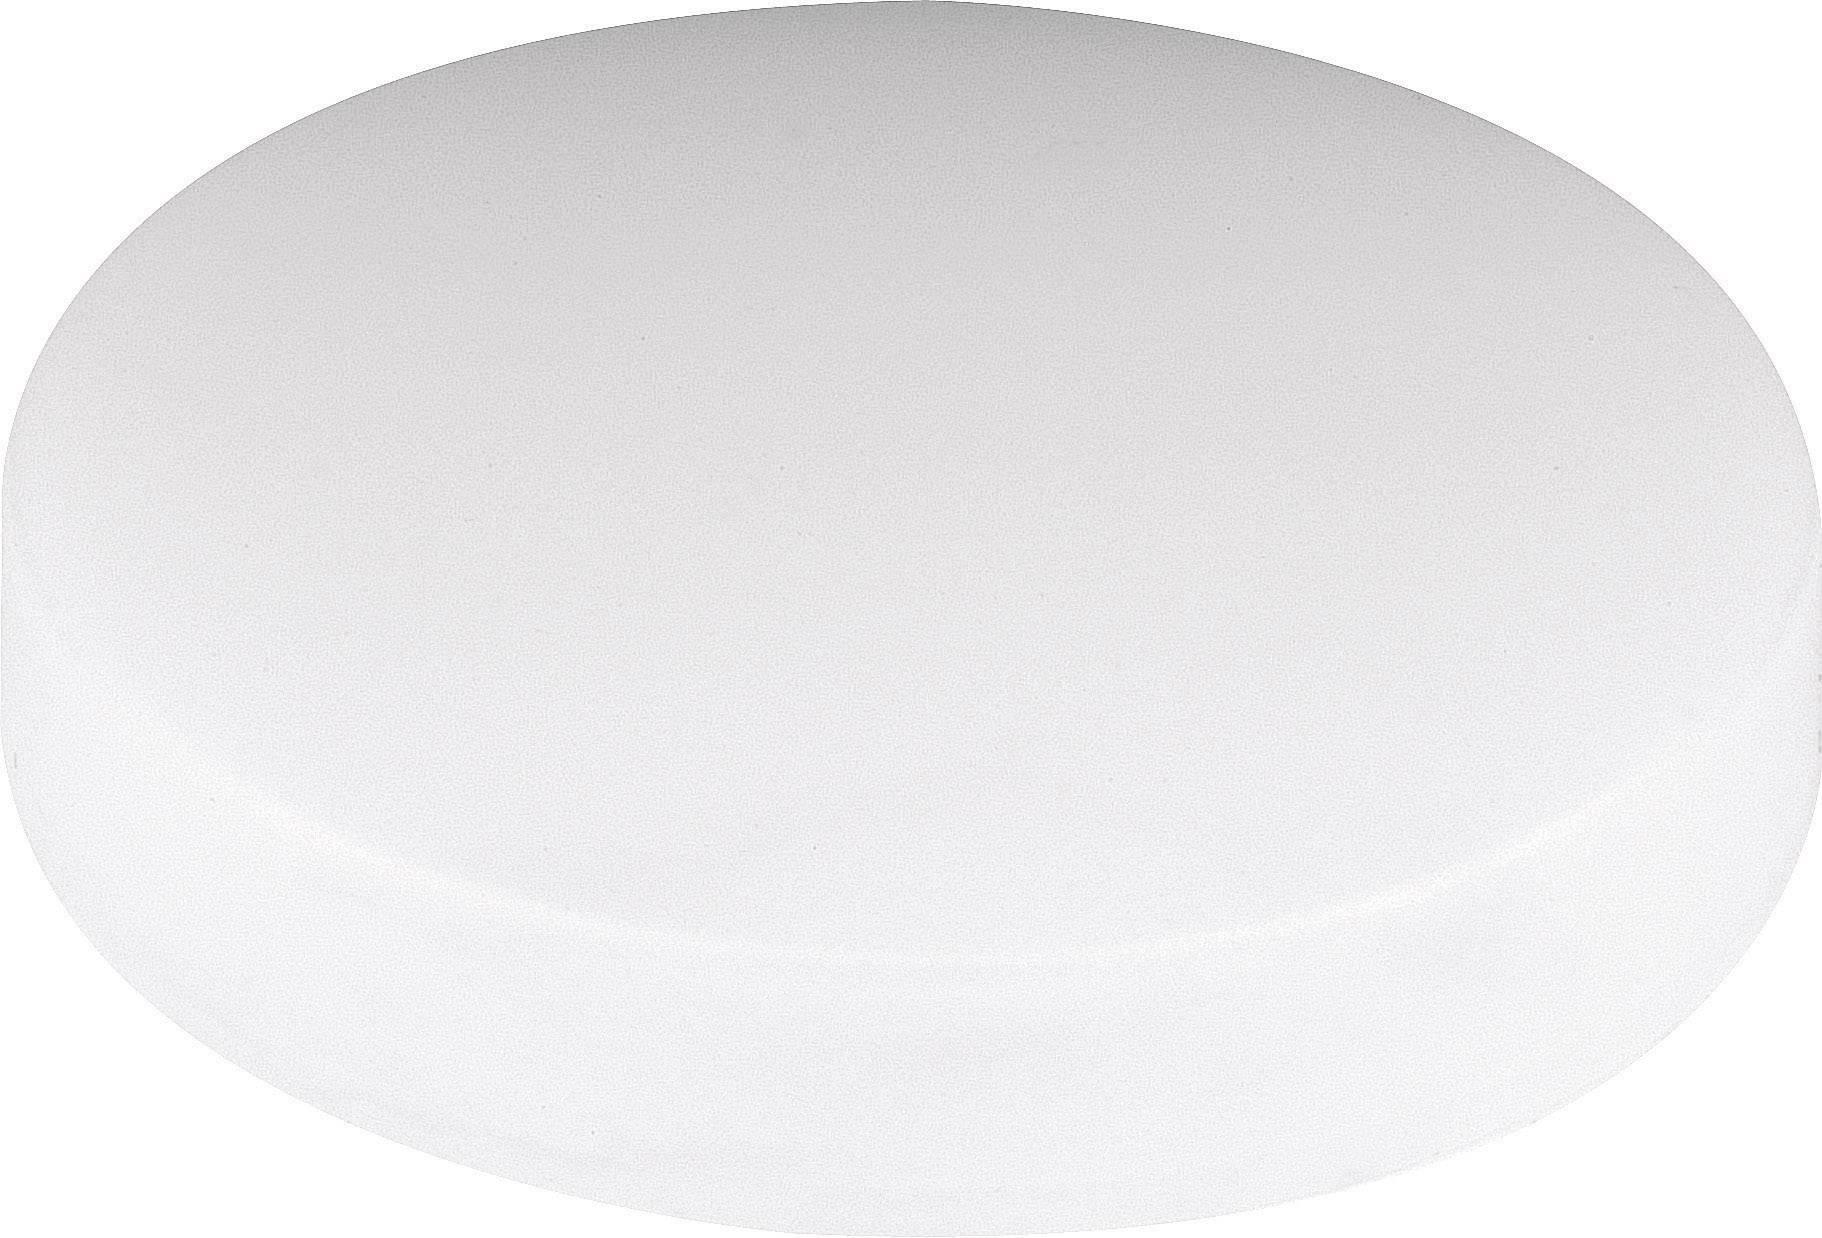 Svetelný poklop Mentor 2450.0300, číra, vhodný pre reflektor 12 mm